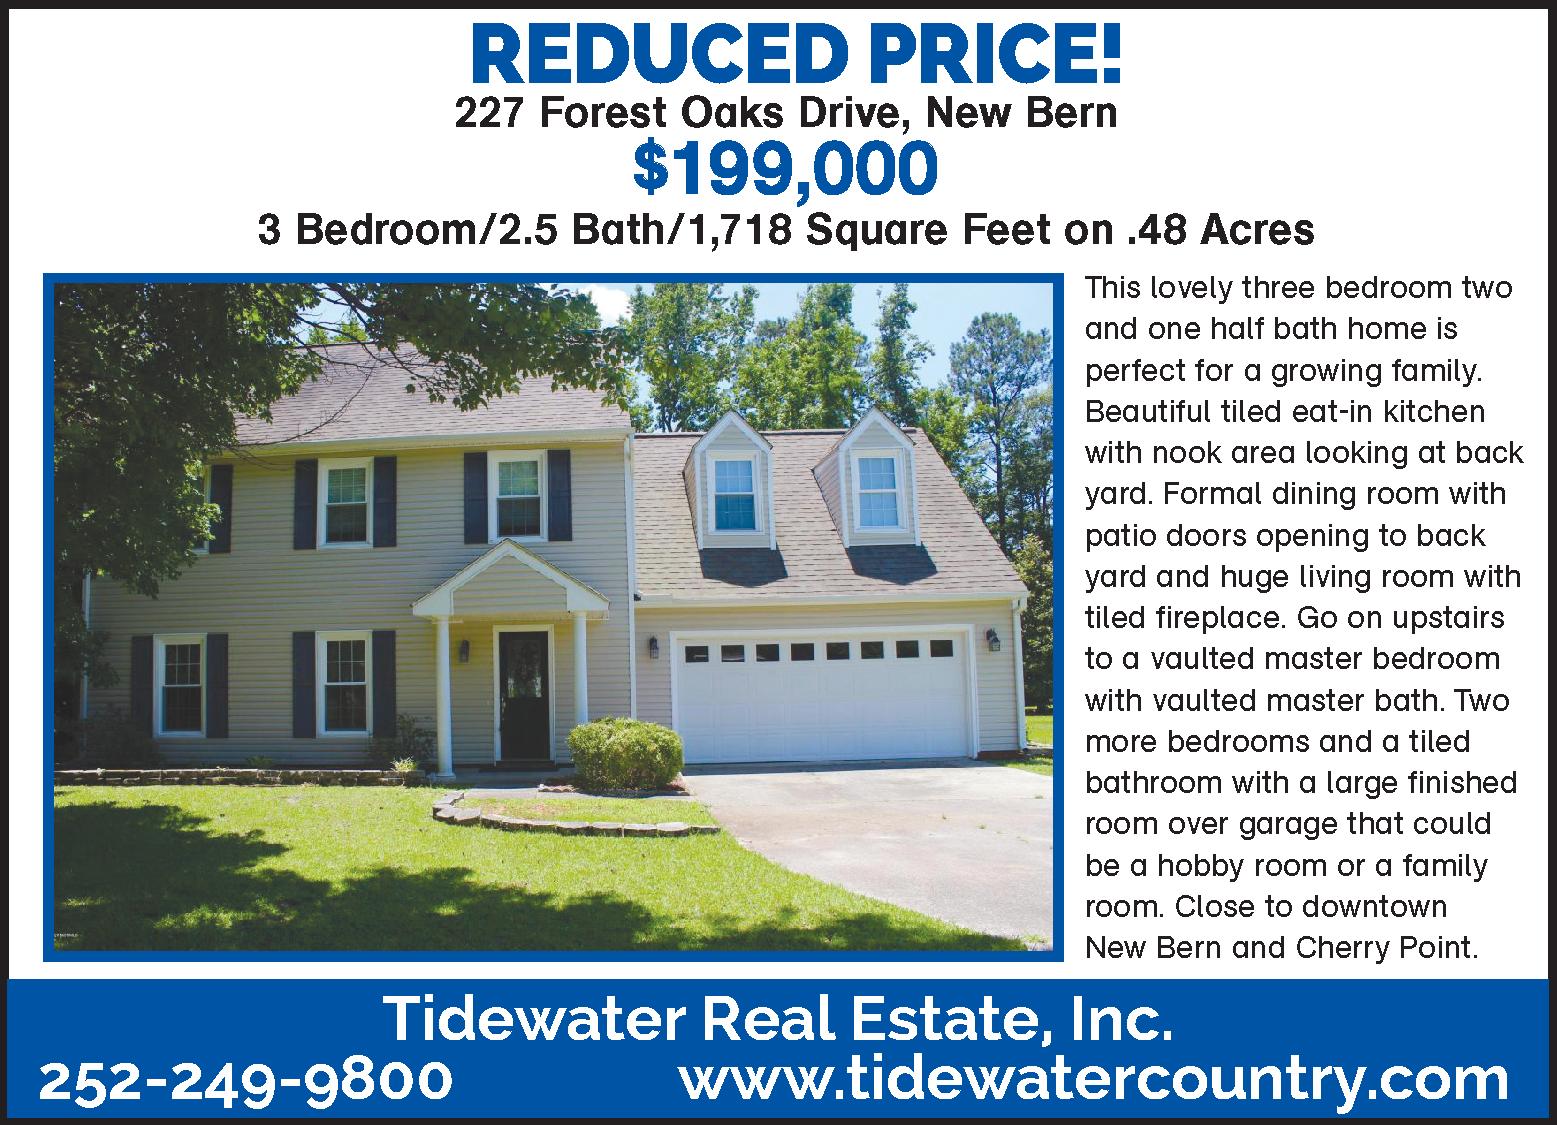 11-26-2020 Tidewater Real Estate Half Hor Color